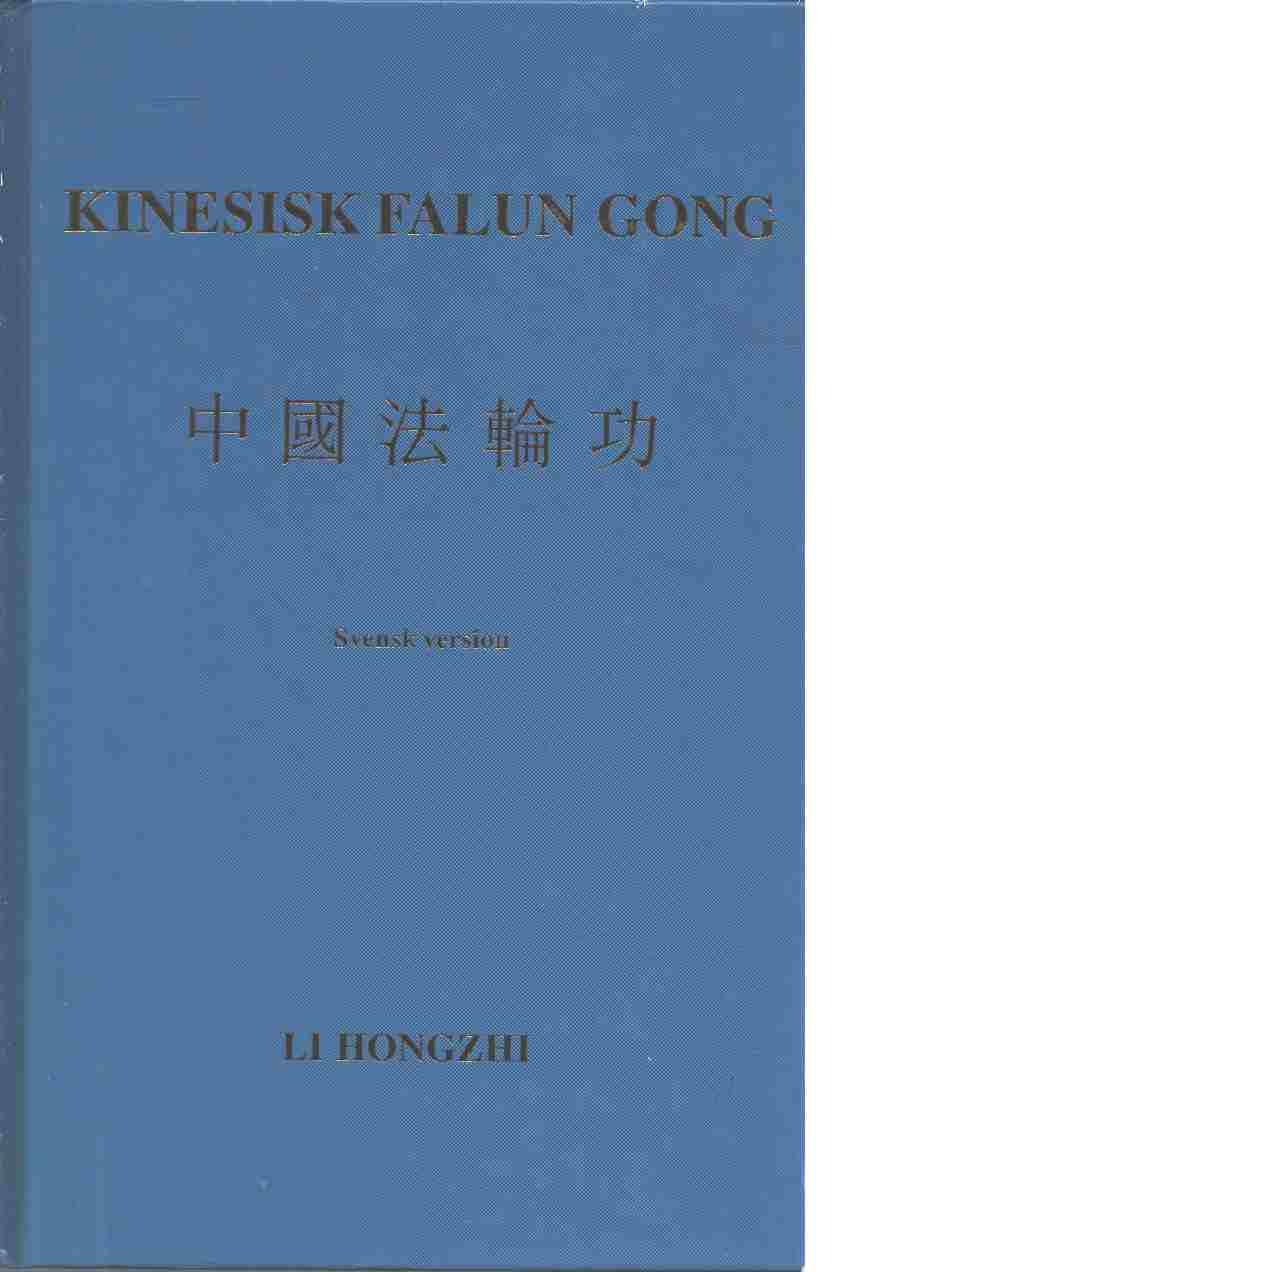 Kinesisk Falun gong - Li, Hongzhi